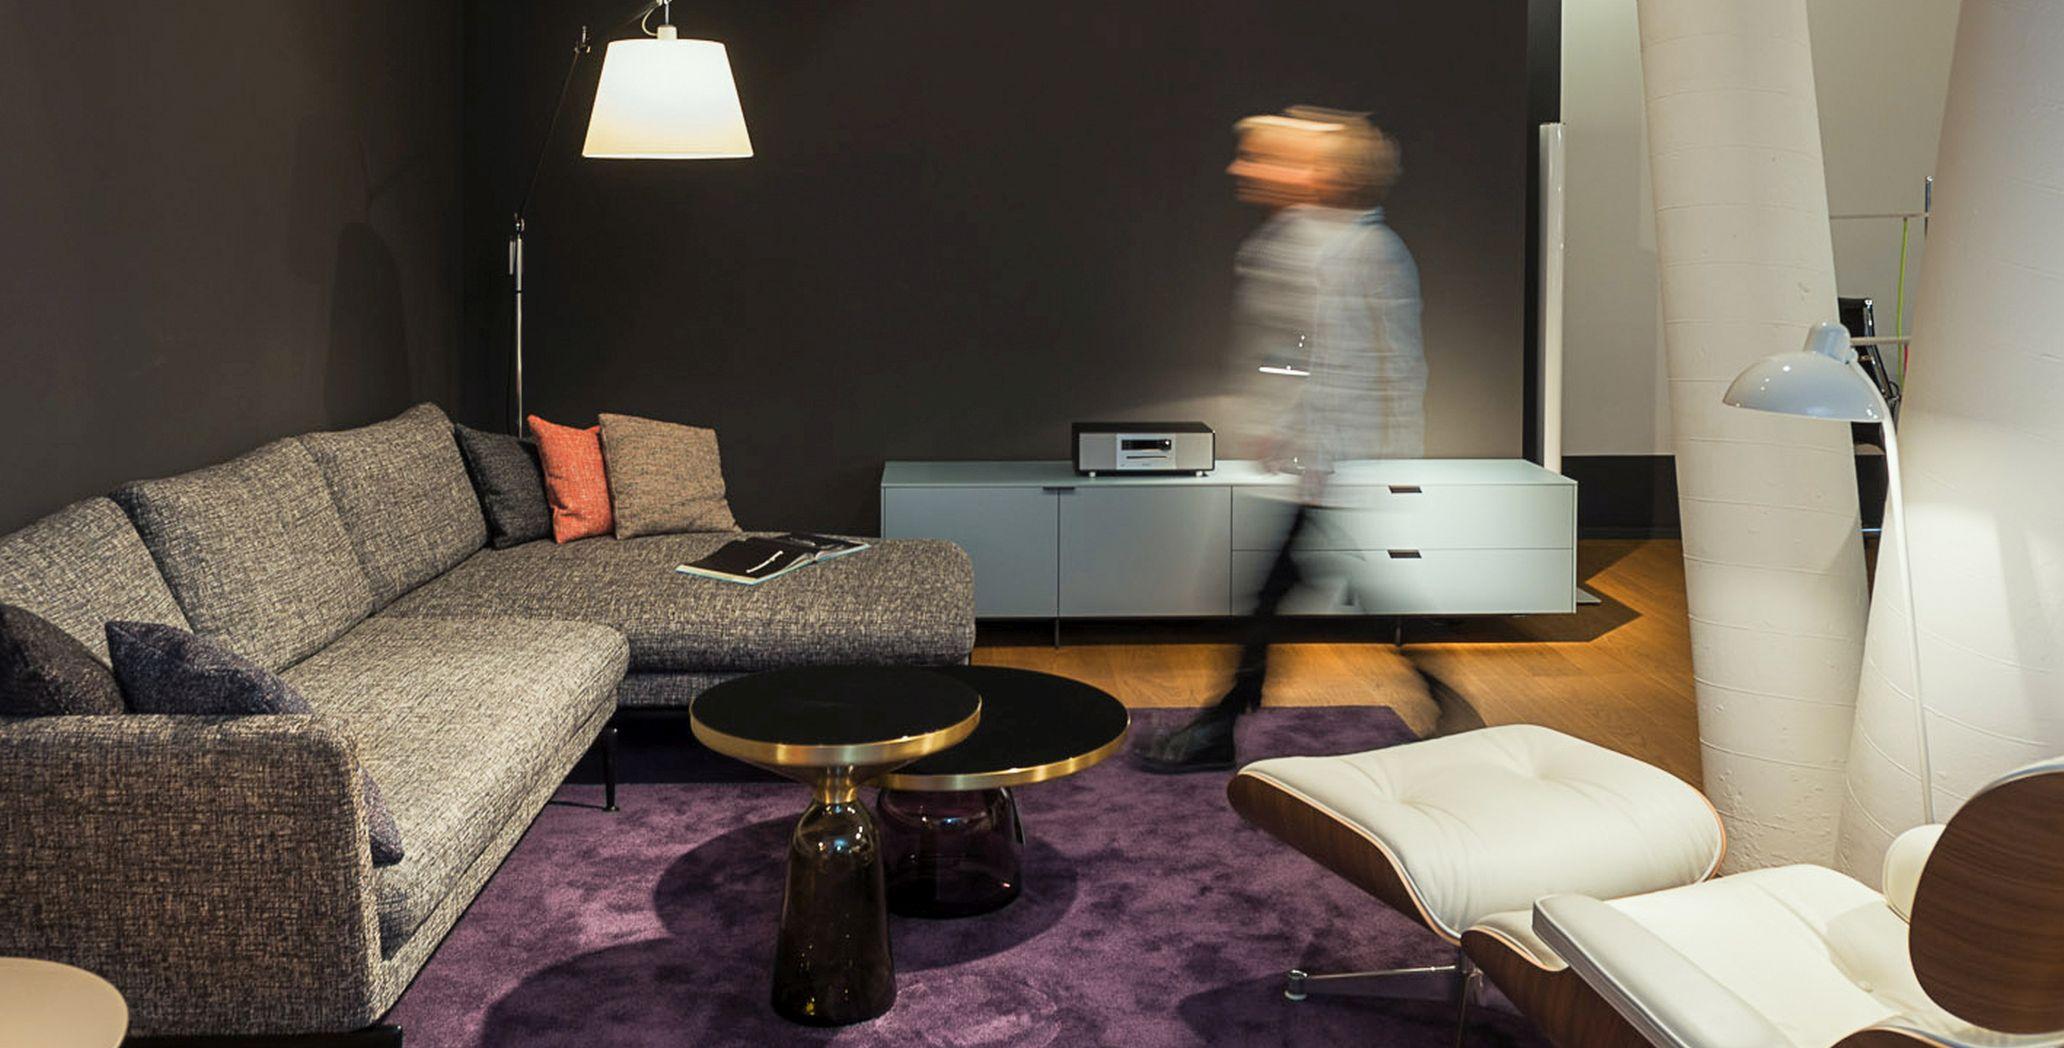 Wohnzimmermöbel bei smow Stuttgart